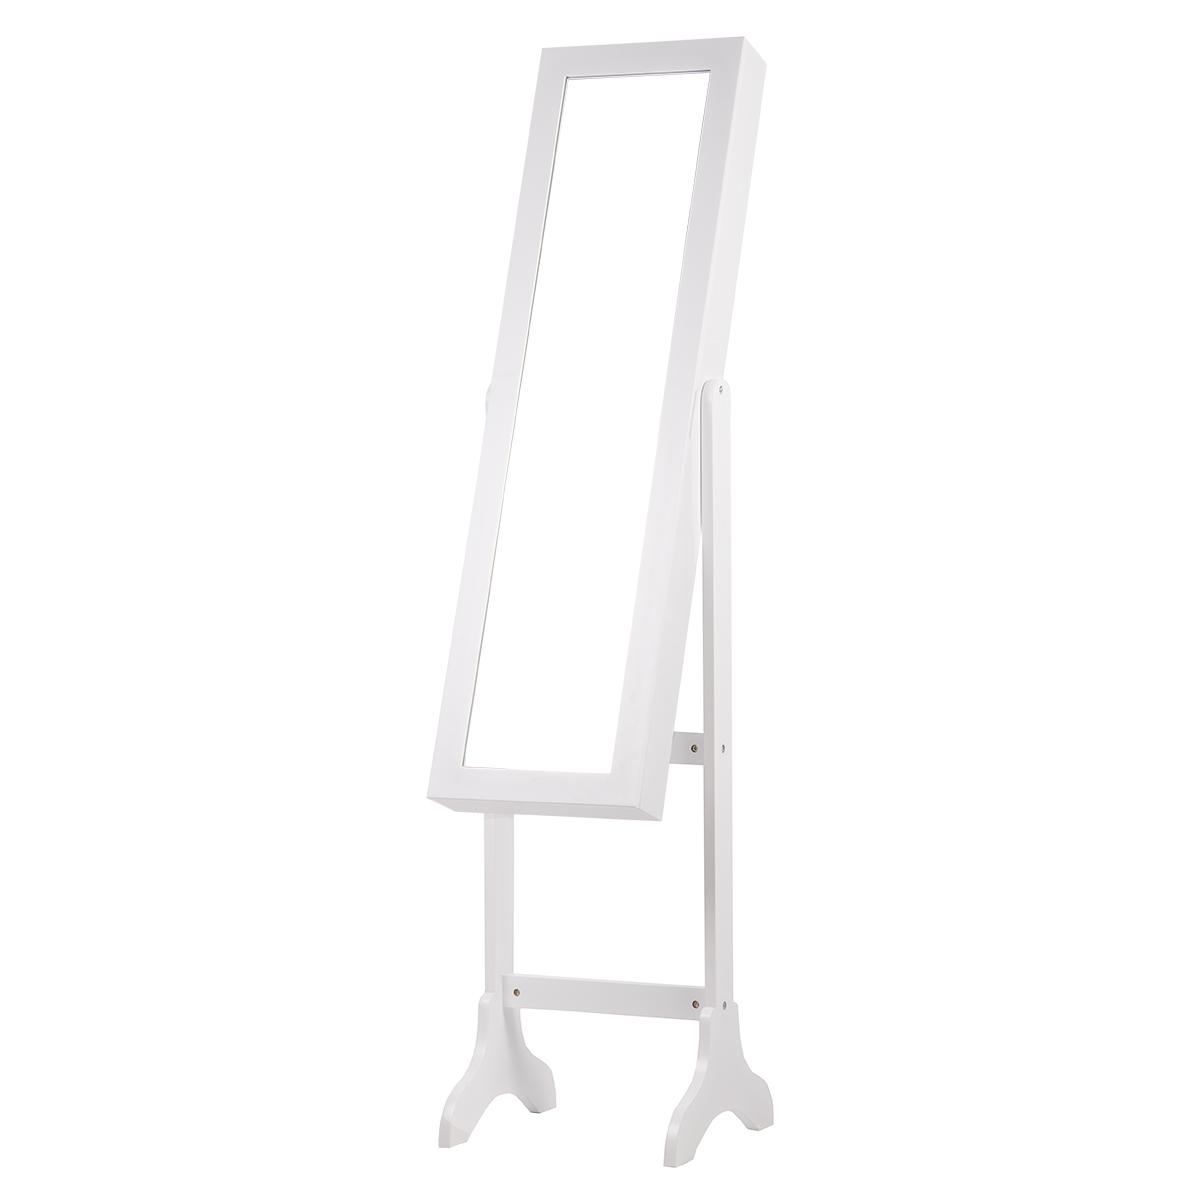 Espejo joyero vestidor tocador de pie armario cuerpo entero 155 x 35 x 35cm ebay - A que altura colgar un espejo de cuerpo entero ...